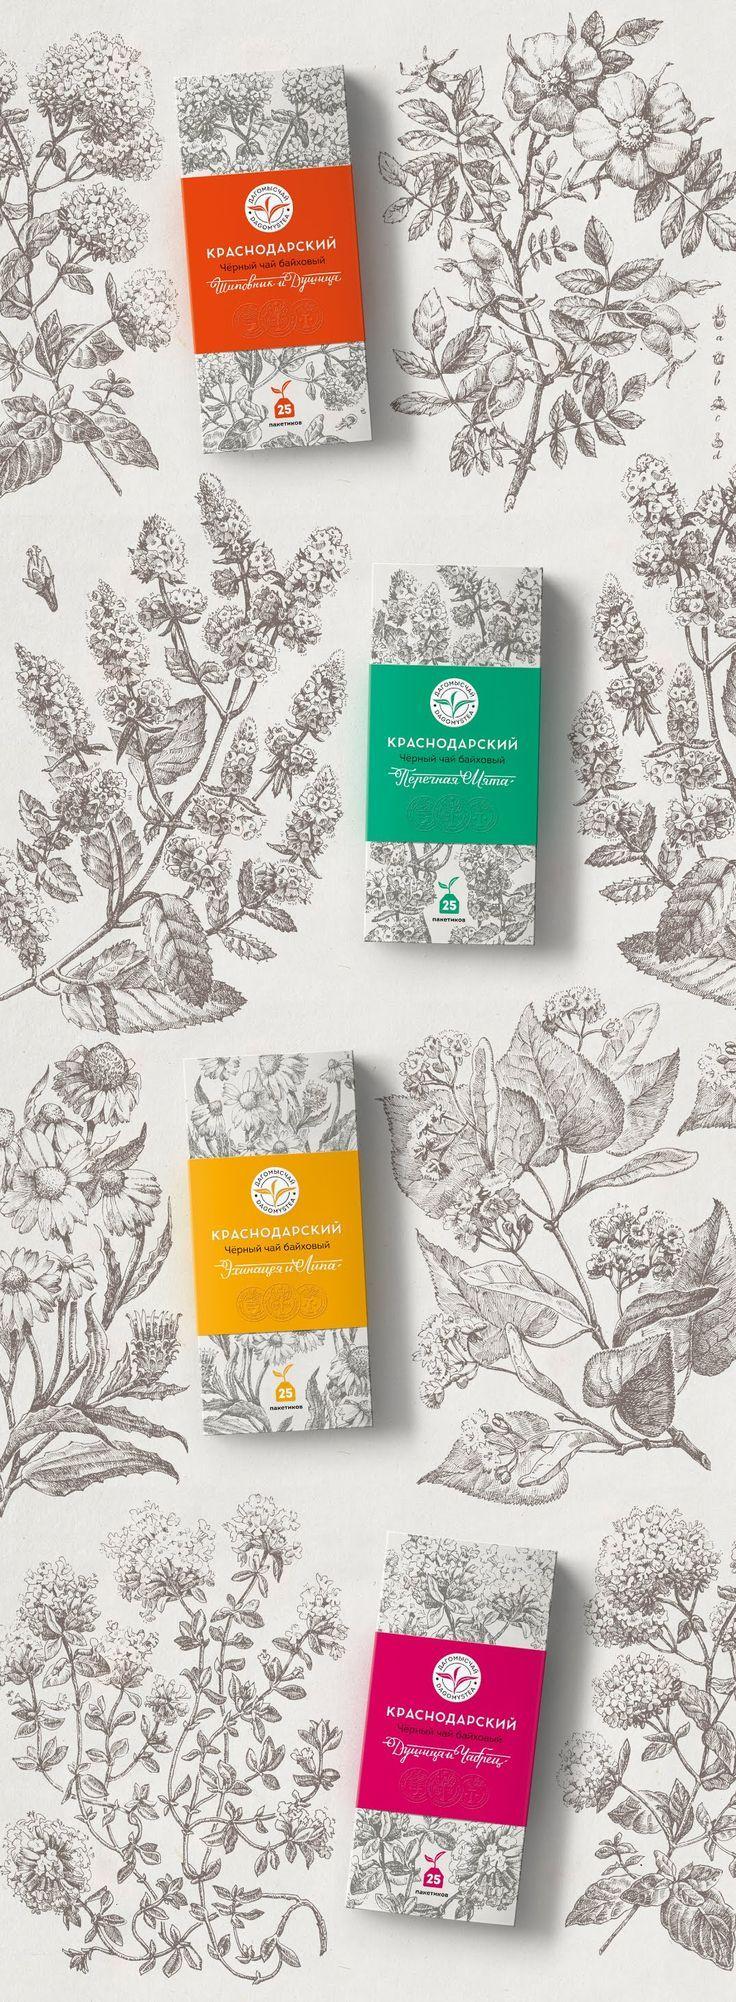 Krasnodar Tee auf der Verpackung der Welt - Creative Package Design Gallery #packa ...  #crea... #teapackaging